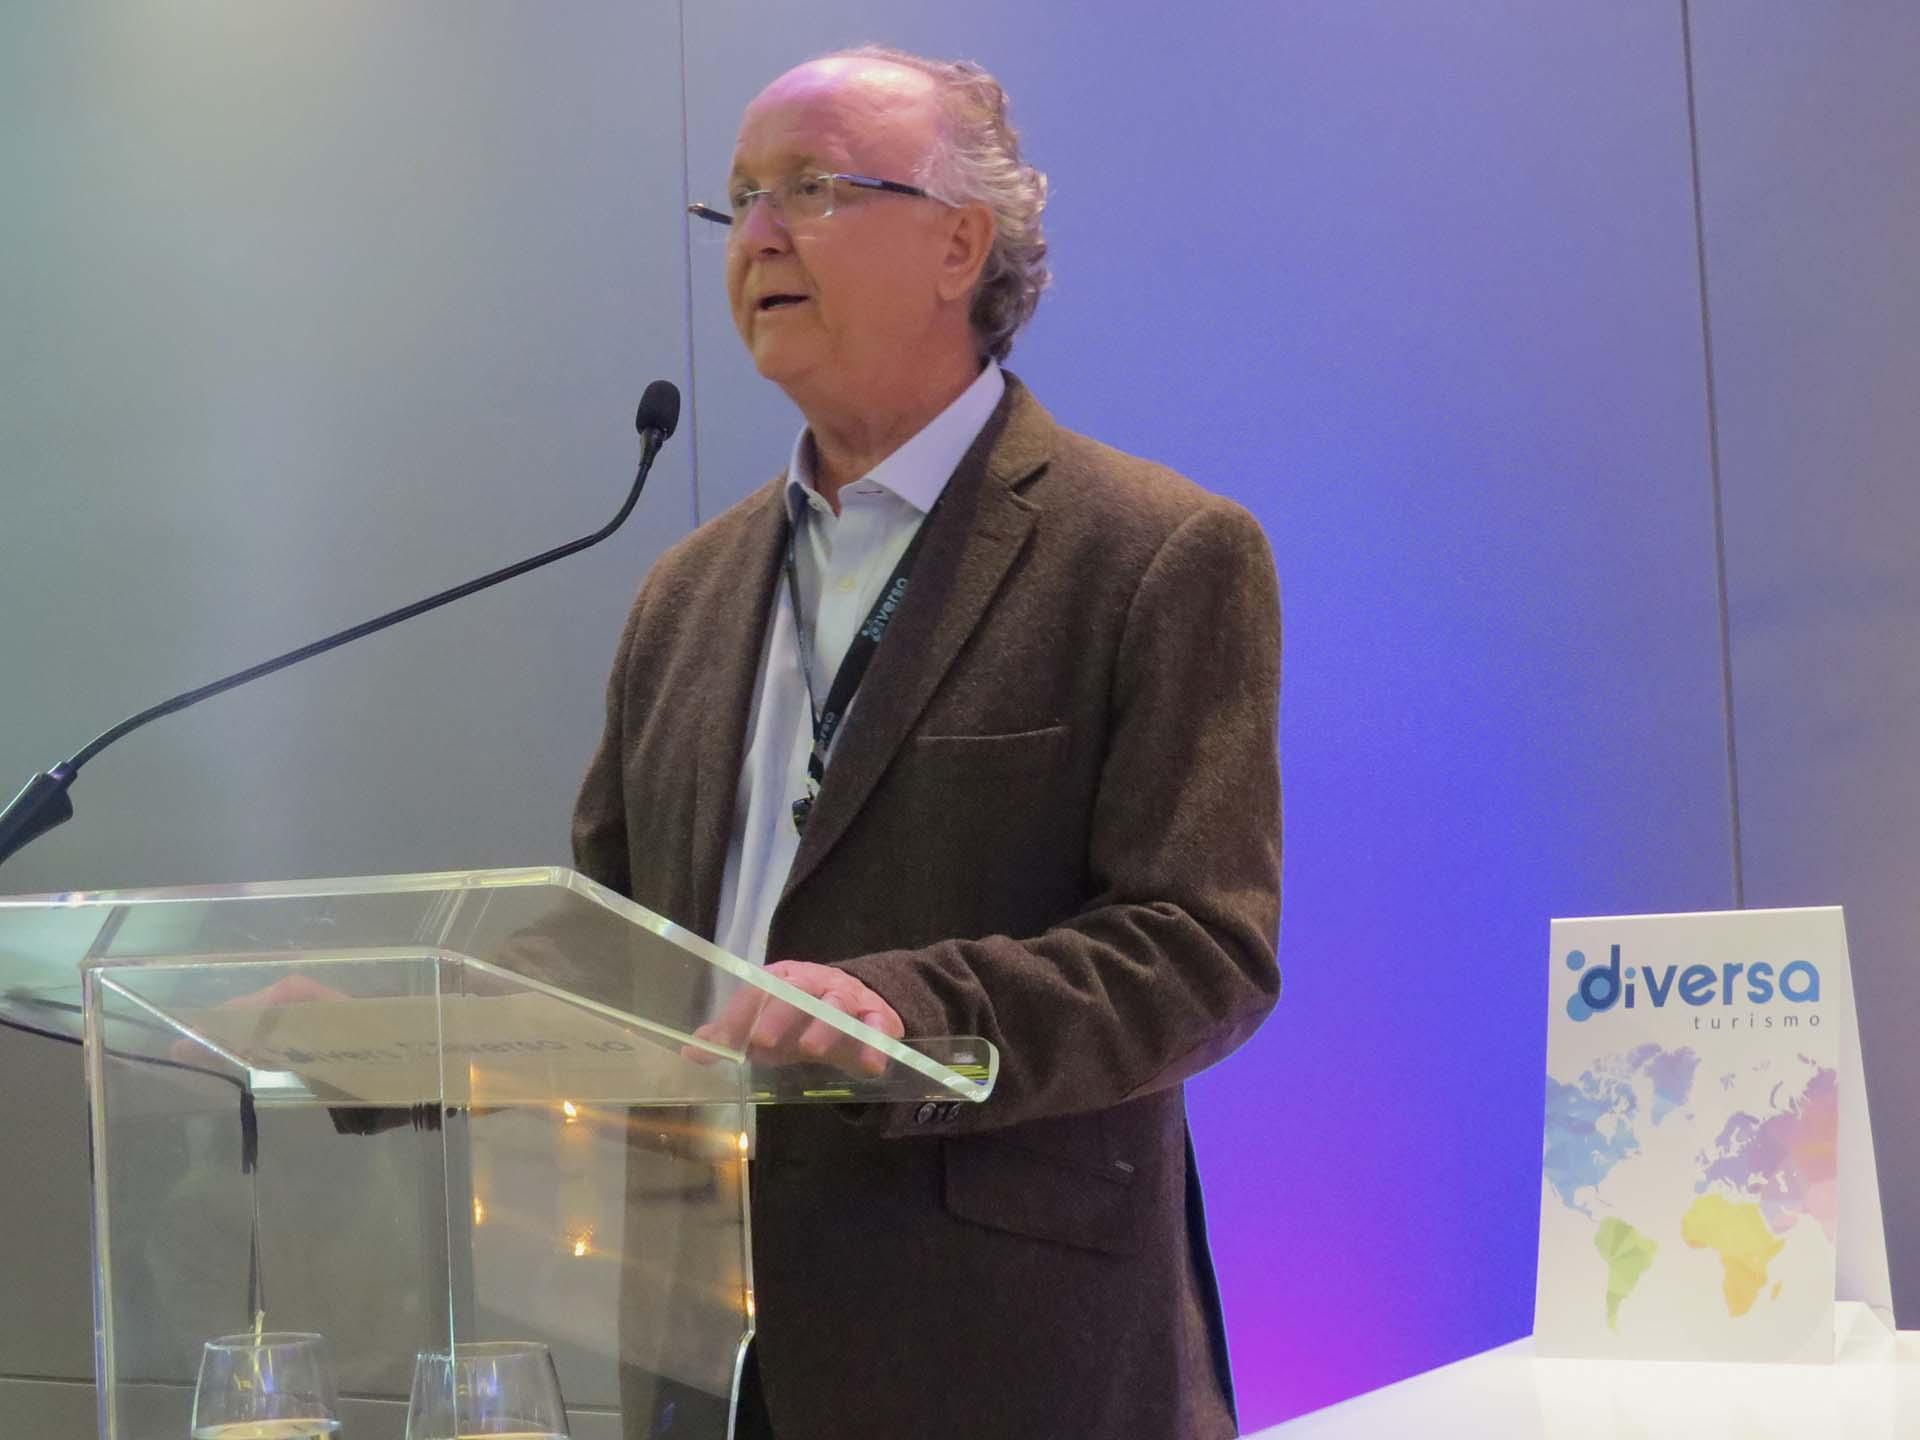 James Giacomini, diretor da operadora, fala aos convidados, durante o evento de lançamento da Diversa Turismo